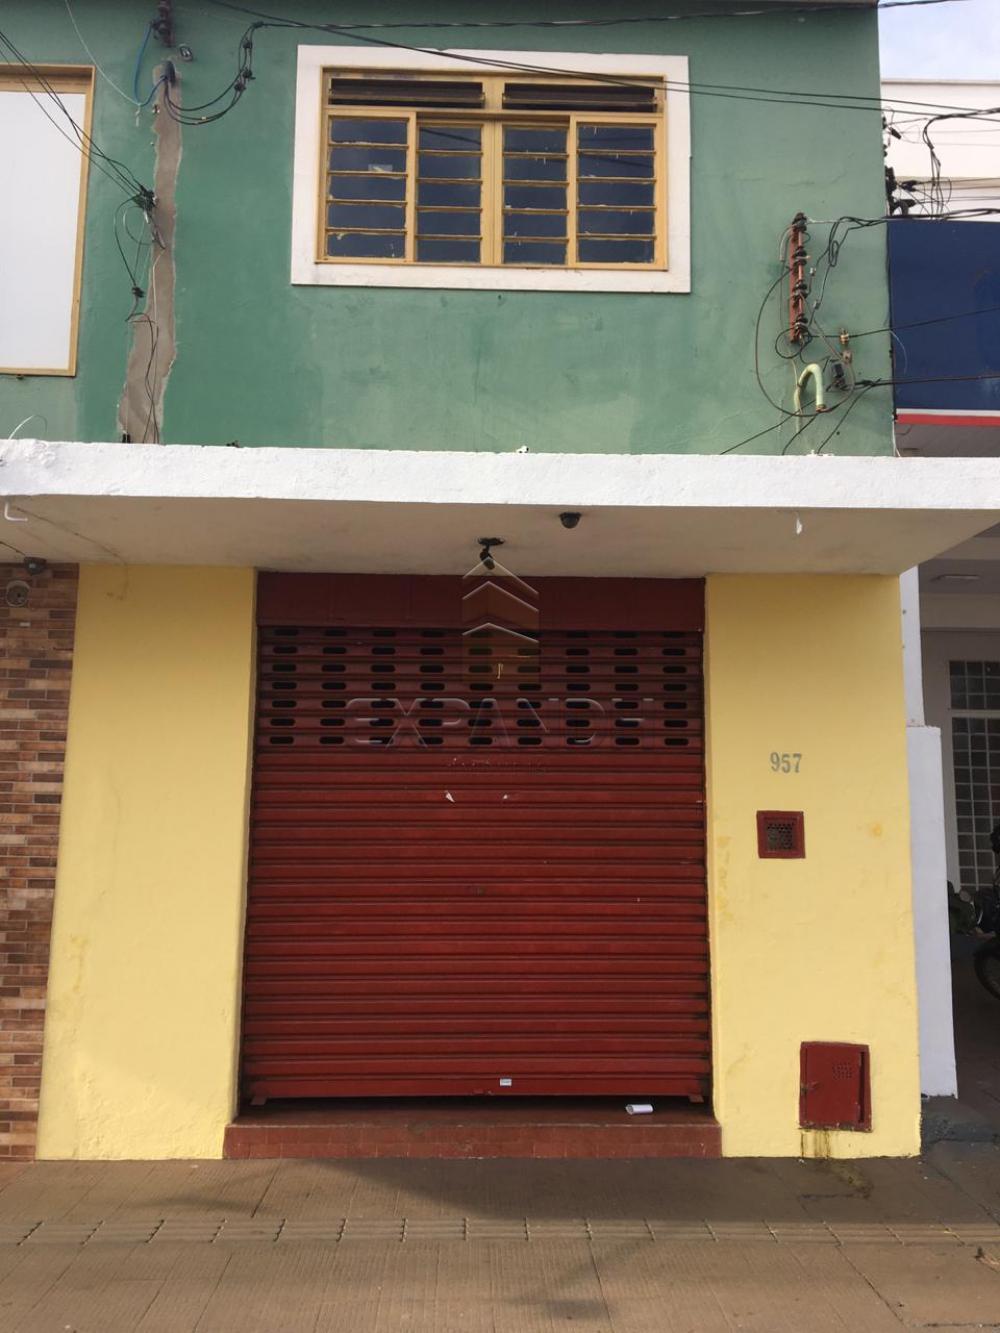 Alugar Comerciais / Salão em Sertãozinho apenas R$ 900,00 - Foto 2